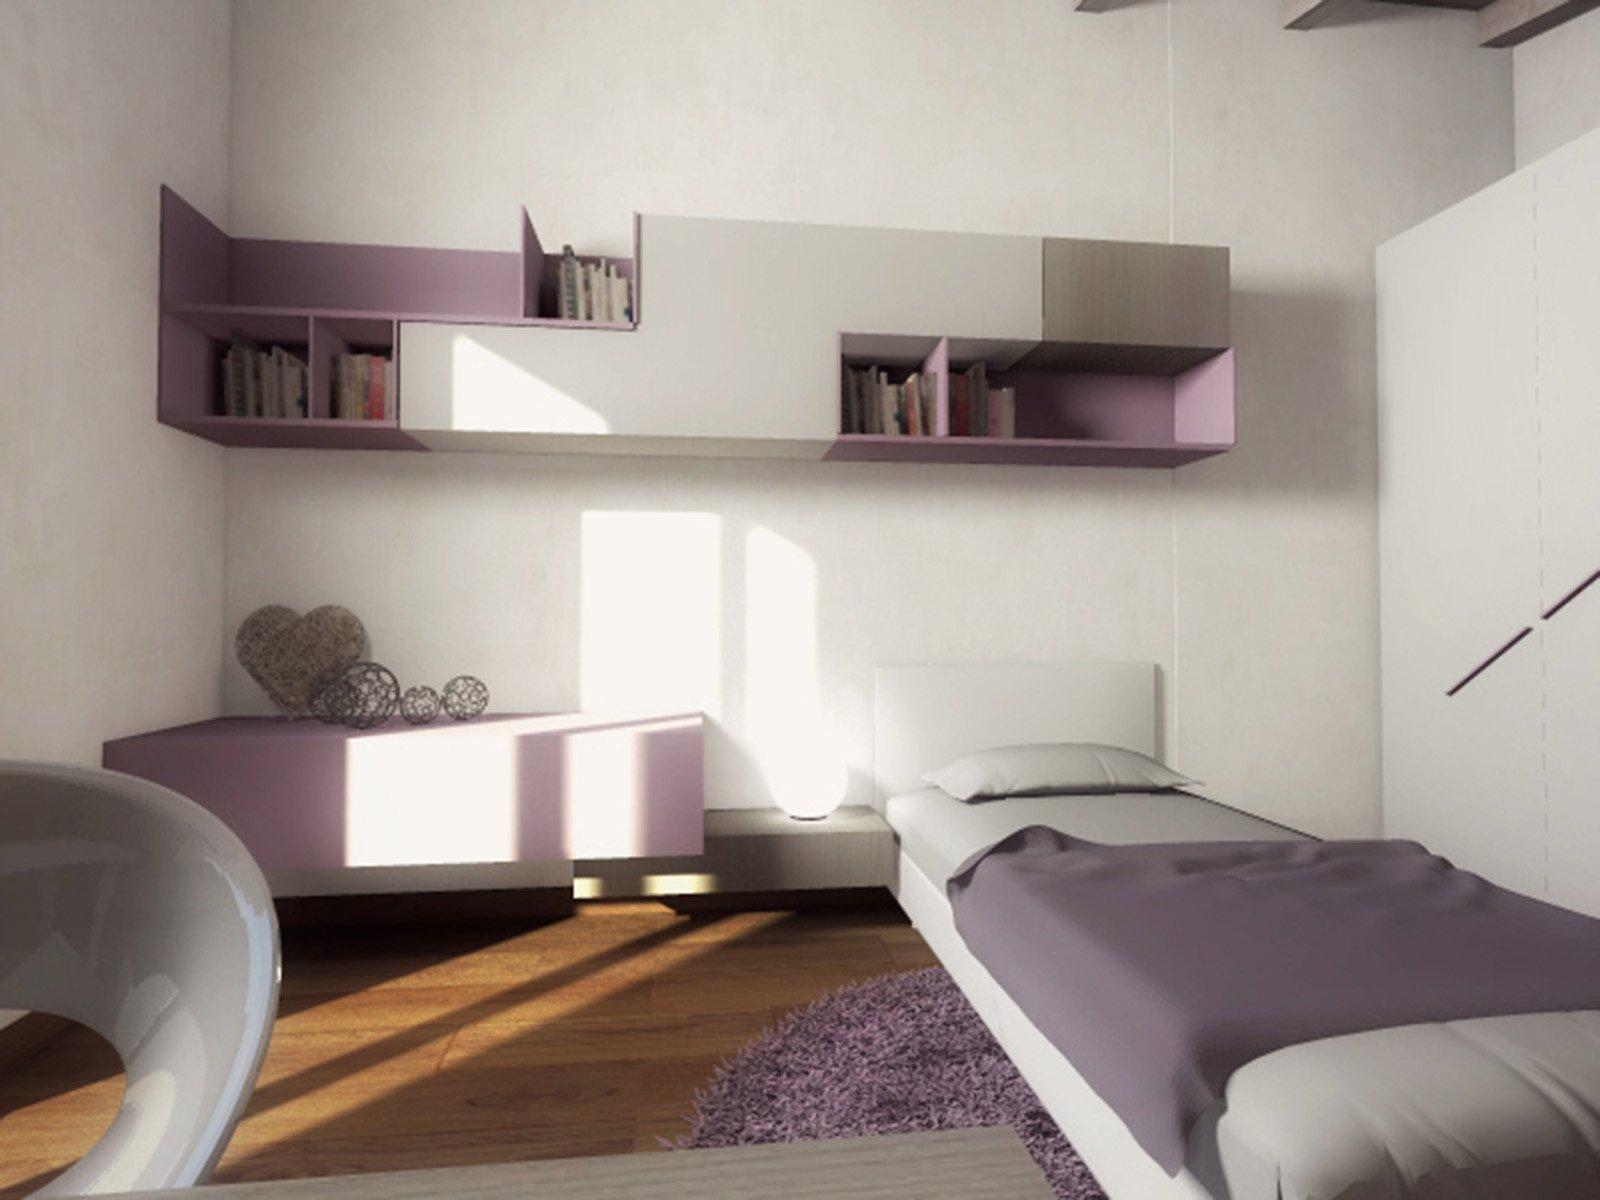 Mansarda una casa sottotetto luminosa e contemporanea for Immagini di casa